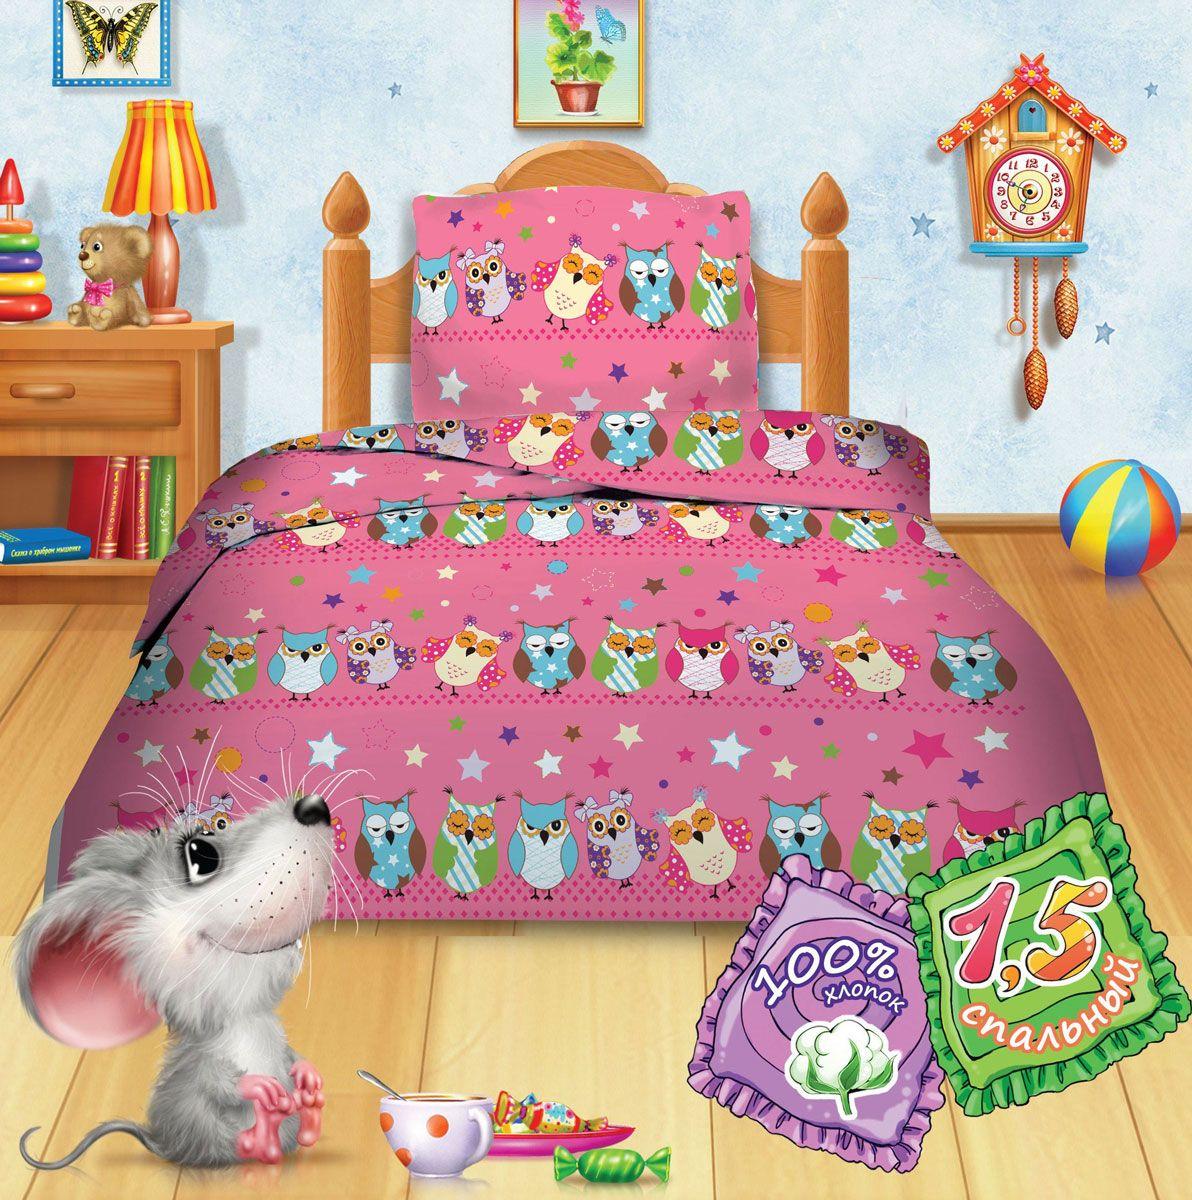 все цены на Комплект детского постельного белья Кошки-мышки Совы, 1,5-спальный, наволочки 70х70